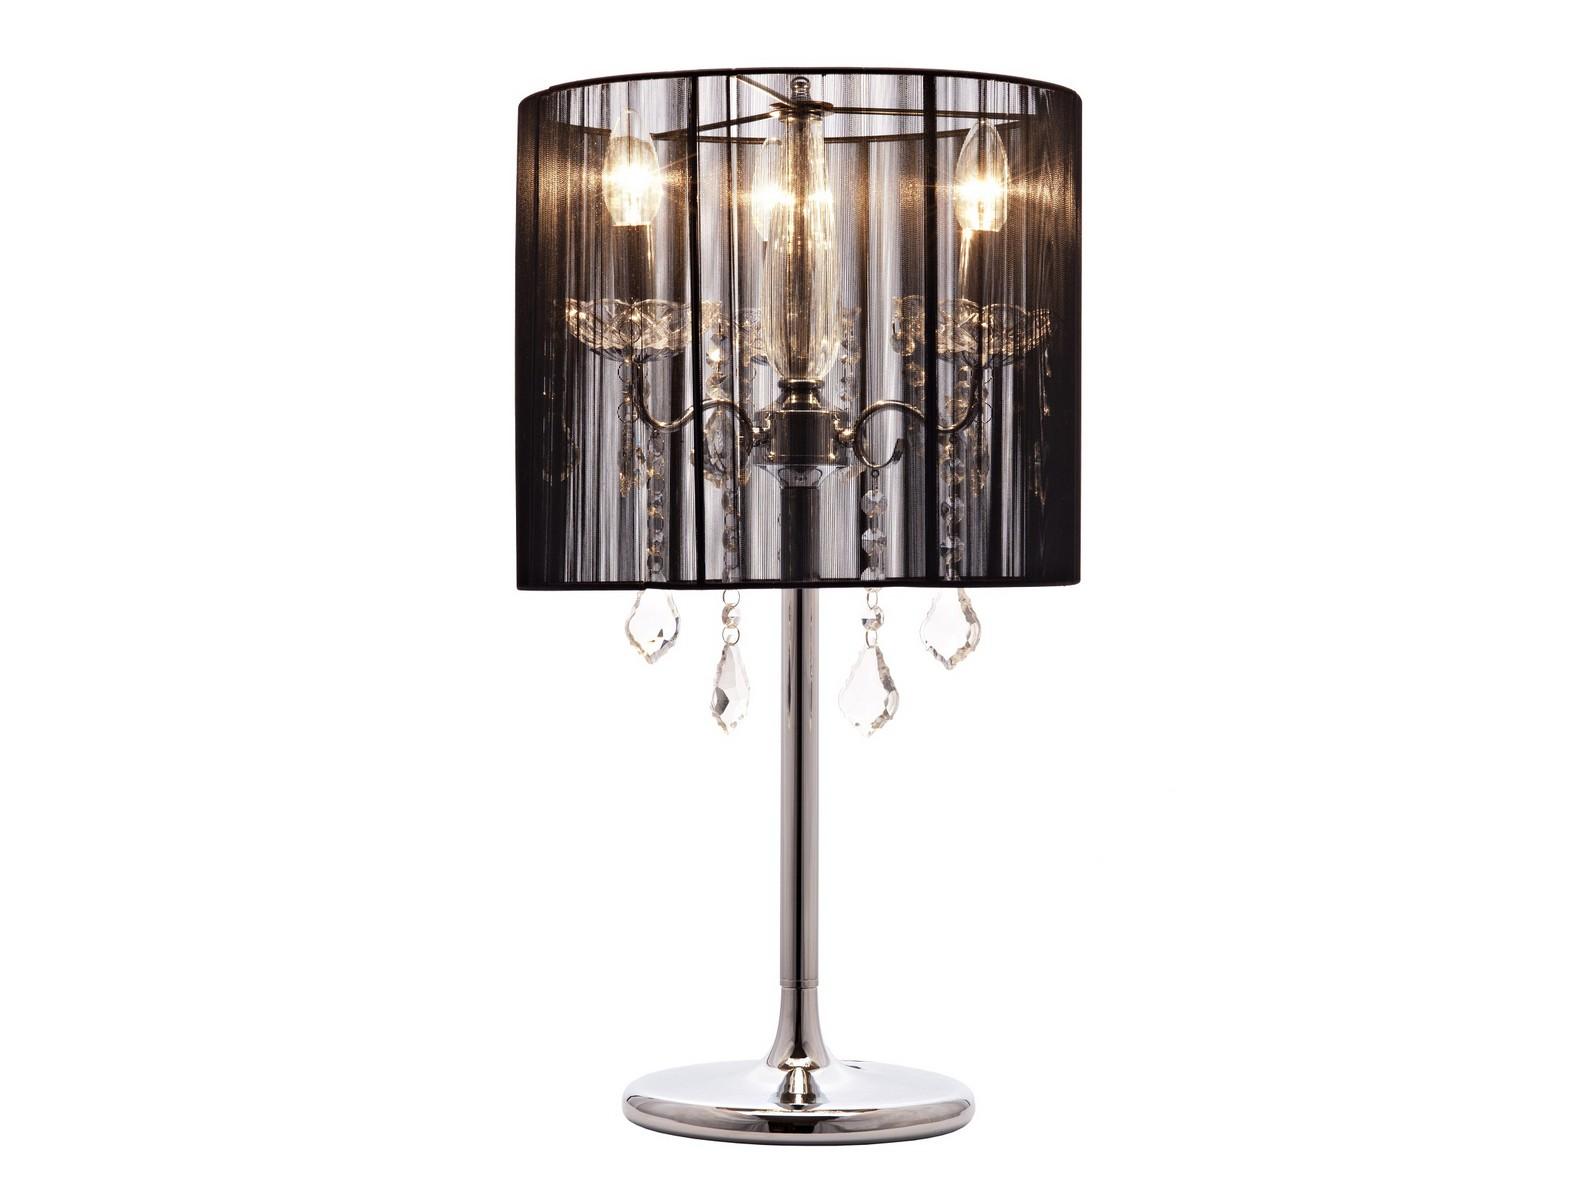 Напольный светильник Creative CreationsНапольные светильники<br>Полупрозрачный чёрный тканевый абажур, украшенный хрустальными подвесками, и элегантное основание из хромированного металла придают особое очарование этой изящной настольной лампе в стиле гламур. Удивительная гармония материалов и форм идеально выполняет декоративно-оформительскую функцию, придавая шарм любому помещению.&amp;lt;div&amp;gt;&amp;lt;br&amp;gt;&amp;lt;/div&amp;gt;&amp;lt;div&amp;gt;&amp;lt;div&amp;gt;Вид цоколя: Е14&amp;lt;/div&amp;gt;&amp;lt;div&amp;gt;Мощность лампы: 40W&amp;lt;/div&amp;gt;&amp;lt;div&amp;gt;Количество ламп: 3&amp;lt;/div&amp;gt;&amp;lt;div&amp;gt;Наличие ламп: нет&amp;lt;/div&amp;gt;&amp;lt;/div&amp;gt;<br><br>Material: Металл<br>Height см: 74<br>Diameter см: 35